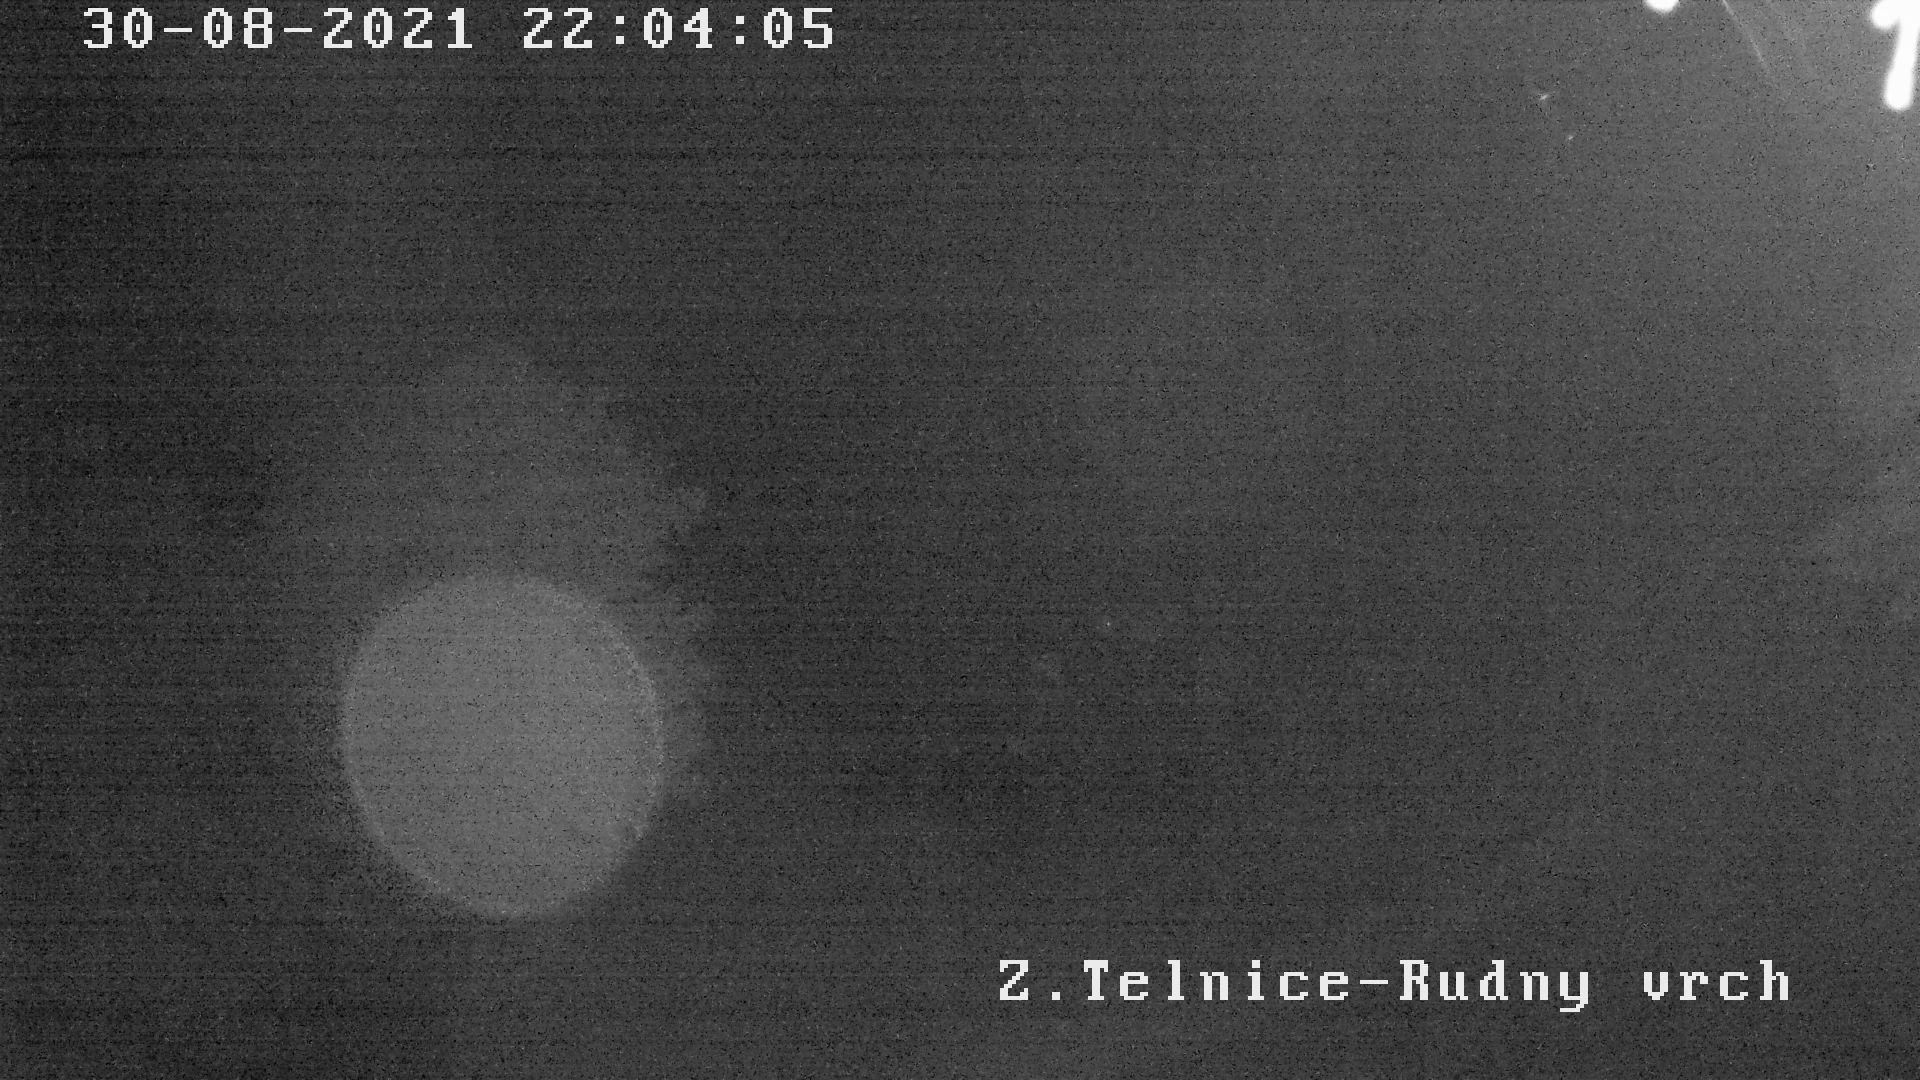 Webcambild von comsystem, Sessellift im Erzgebirge, Winterwetter Live, sonneschein live, Sonne live, Winter Erzgebirge sonne, Live,